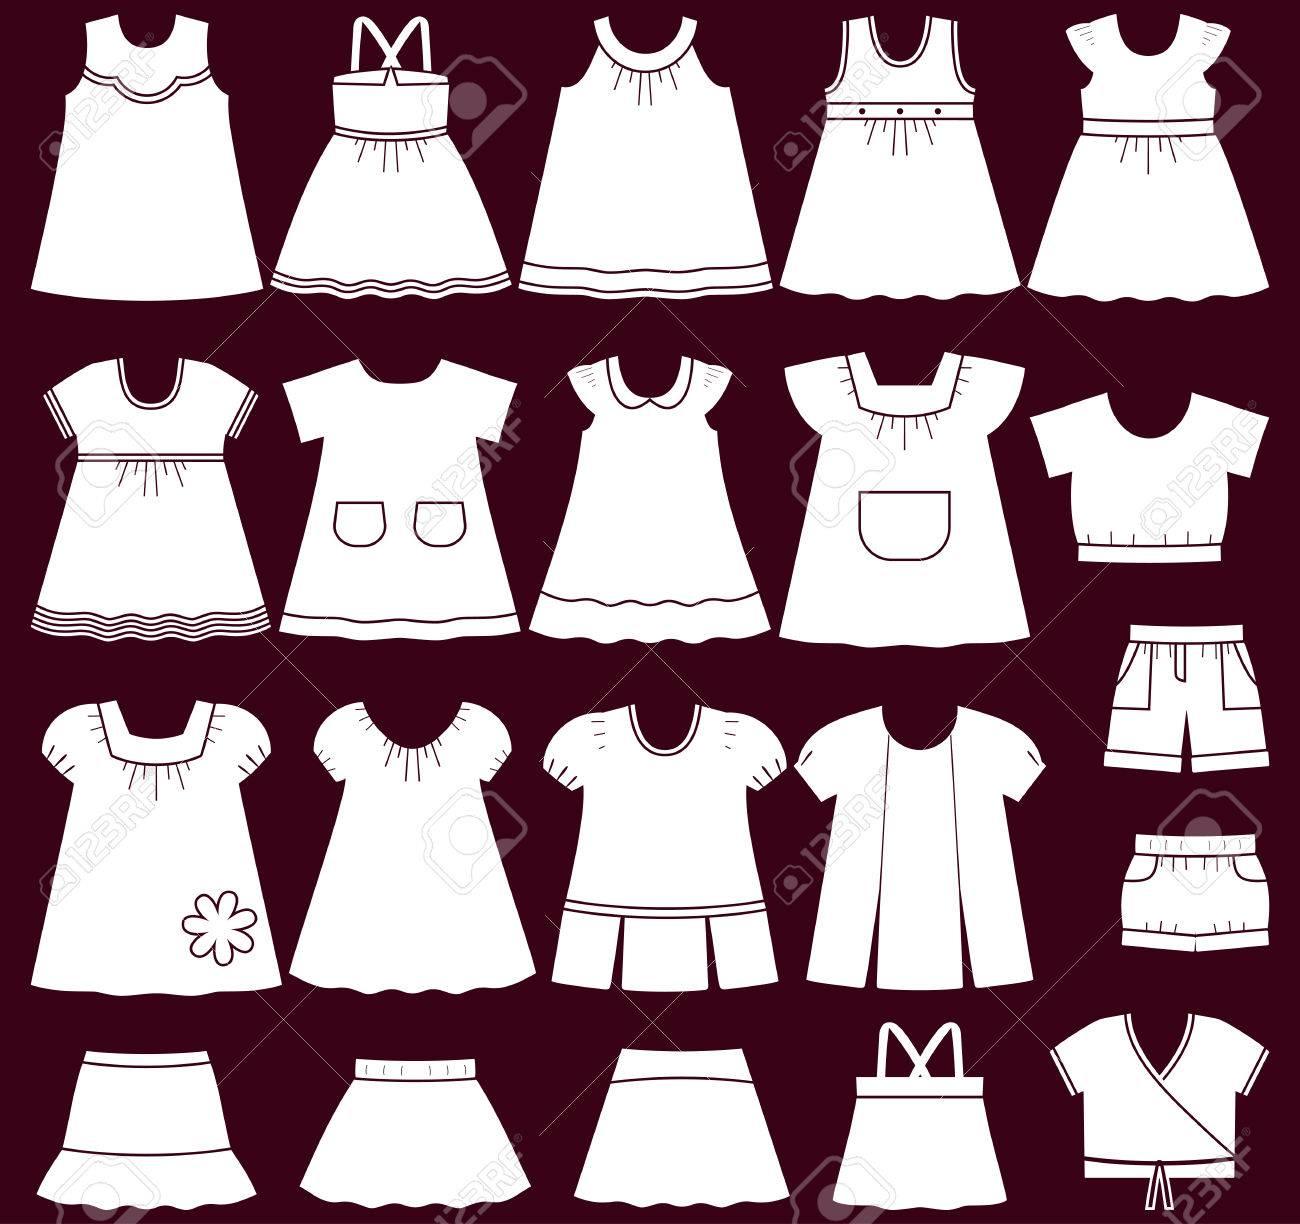 5e696e9ed Foto de archivo - Iconos de ropa de bebé. Conjunto de ropa infantil para  niñas. Ilustración del vector.